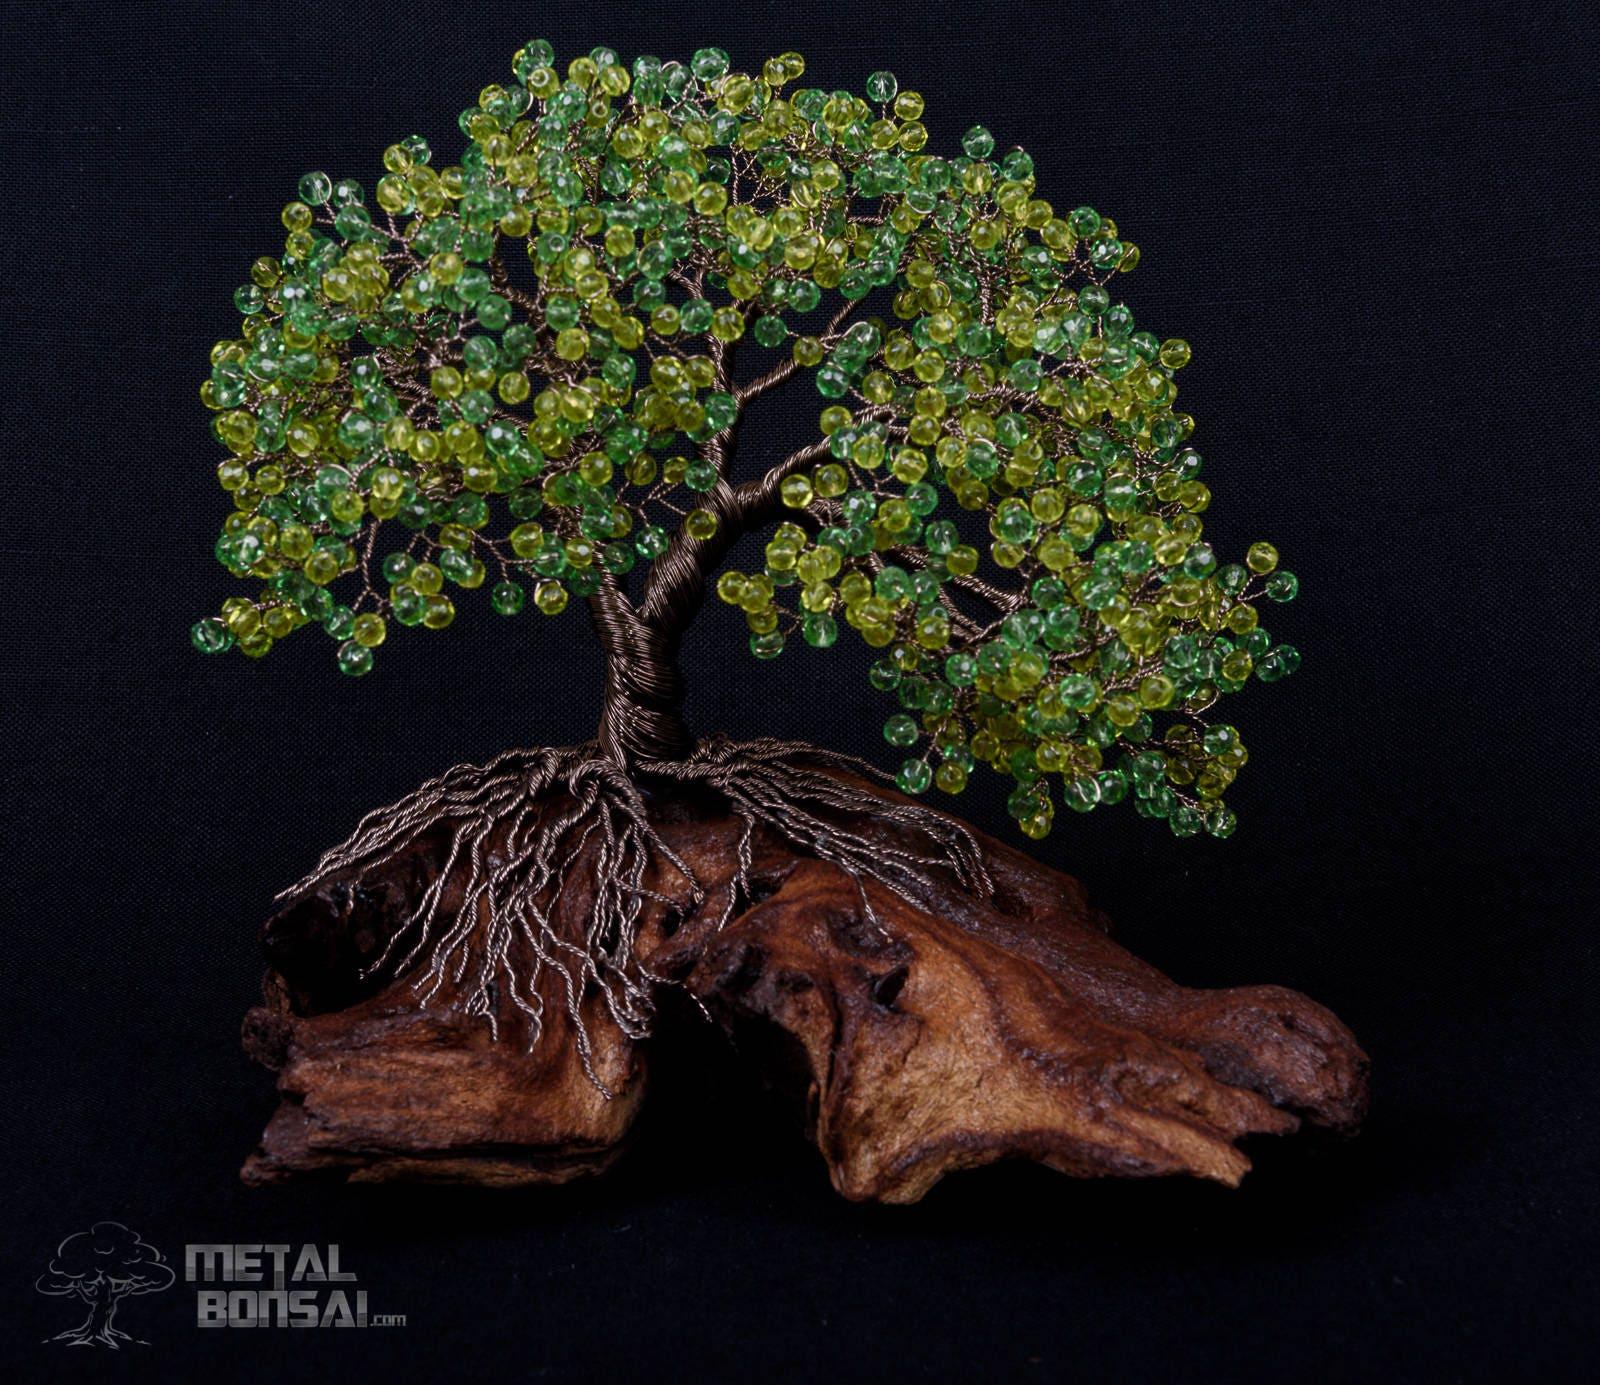 Wunderbar Draht Bonsai Baum Galerie - Elektrische Schaltplan-Ideen ...